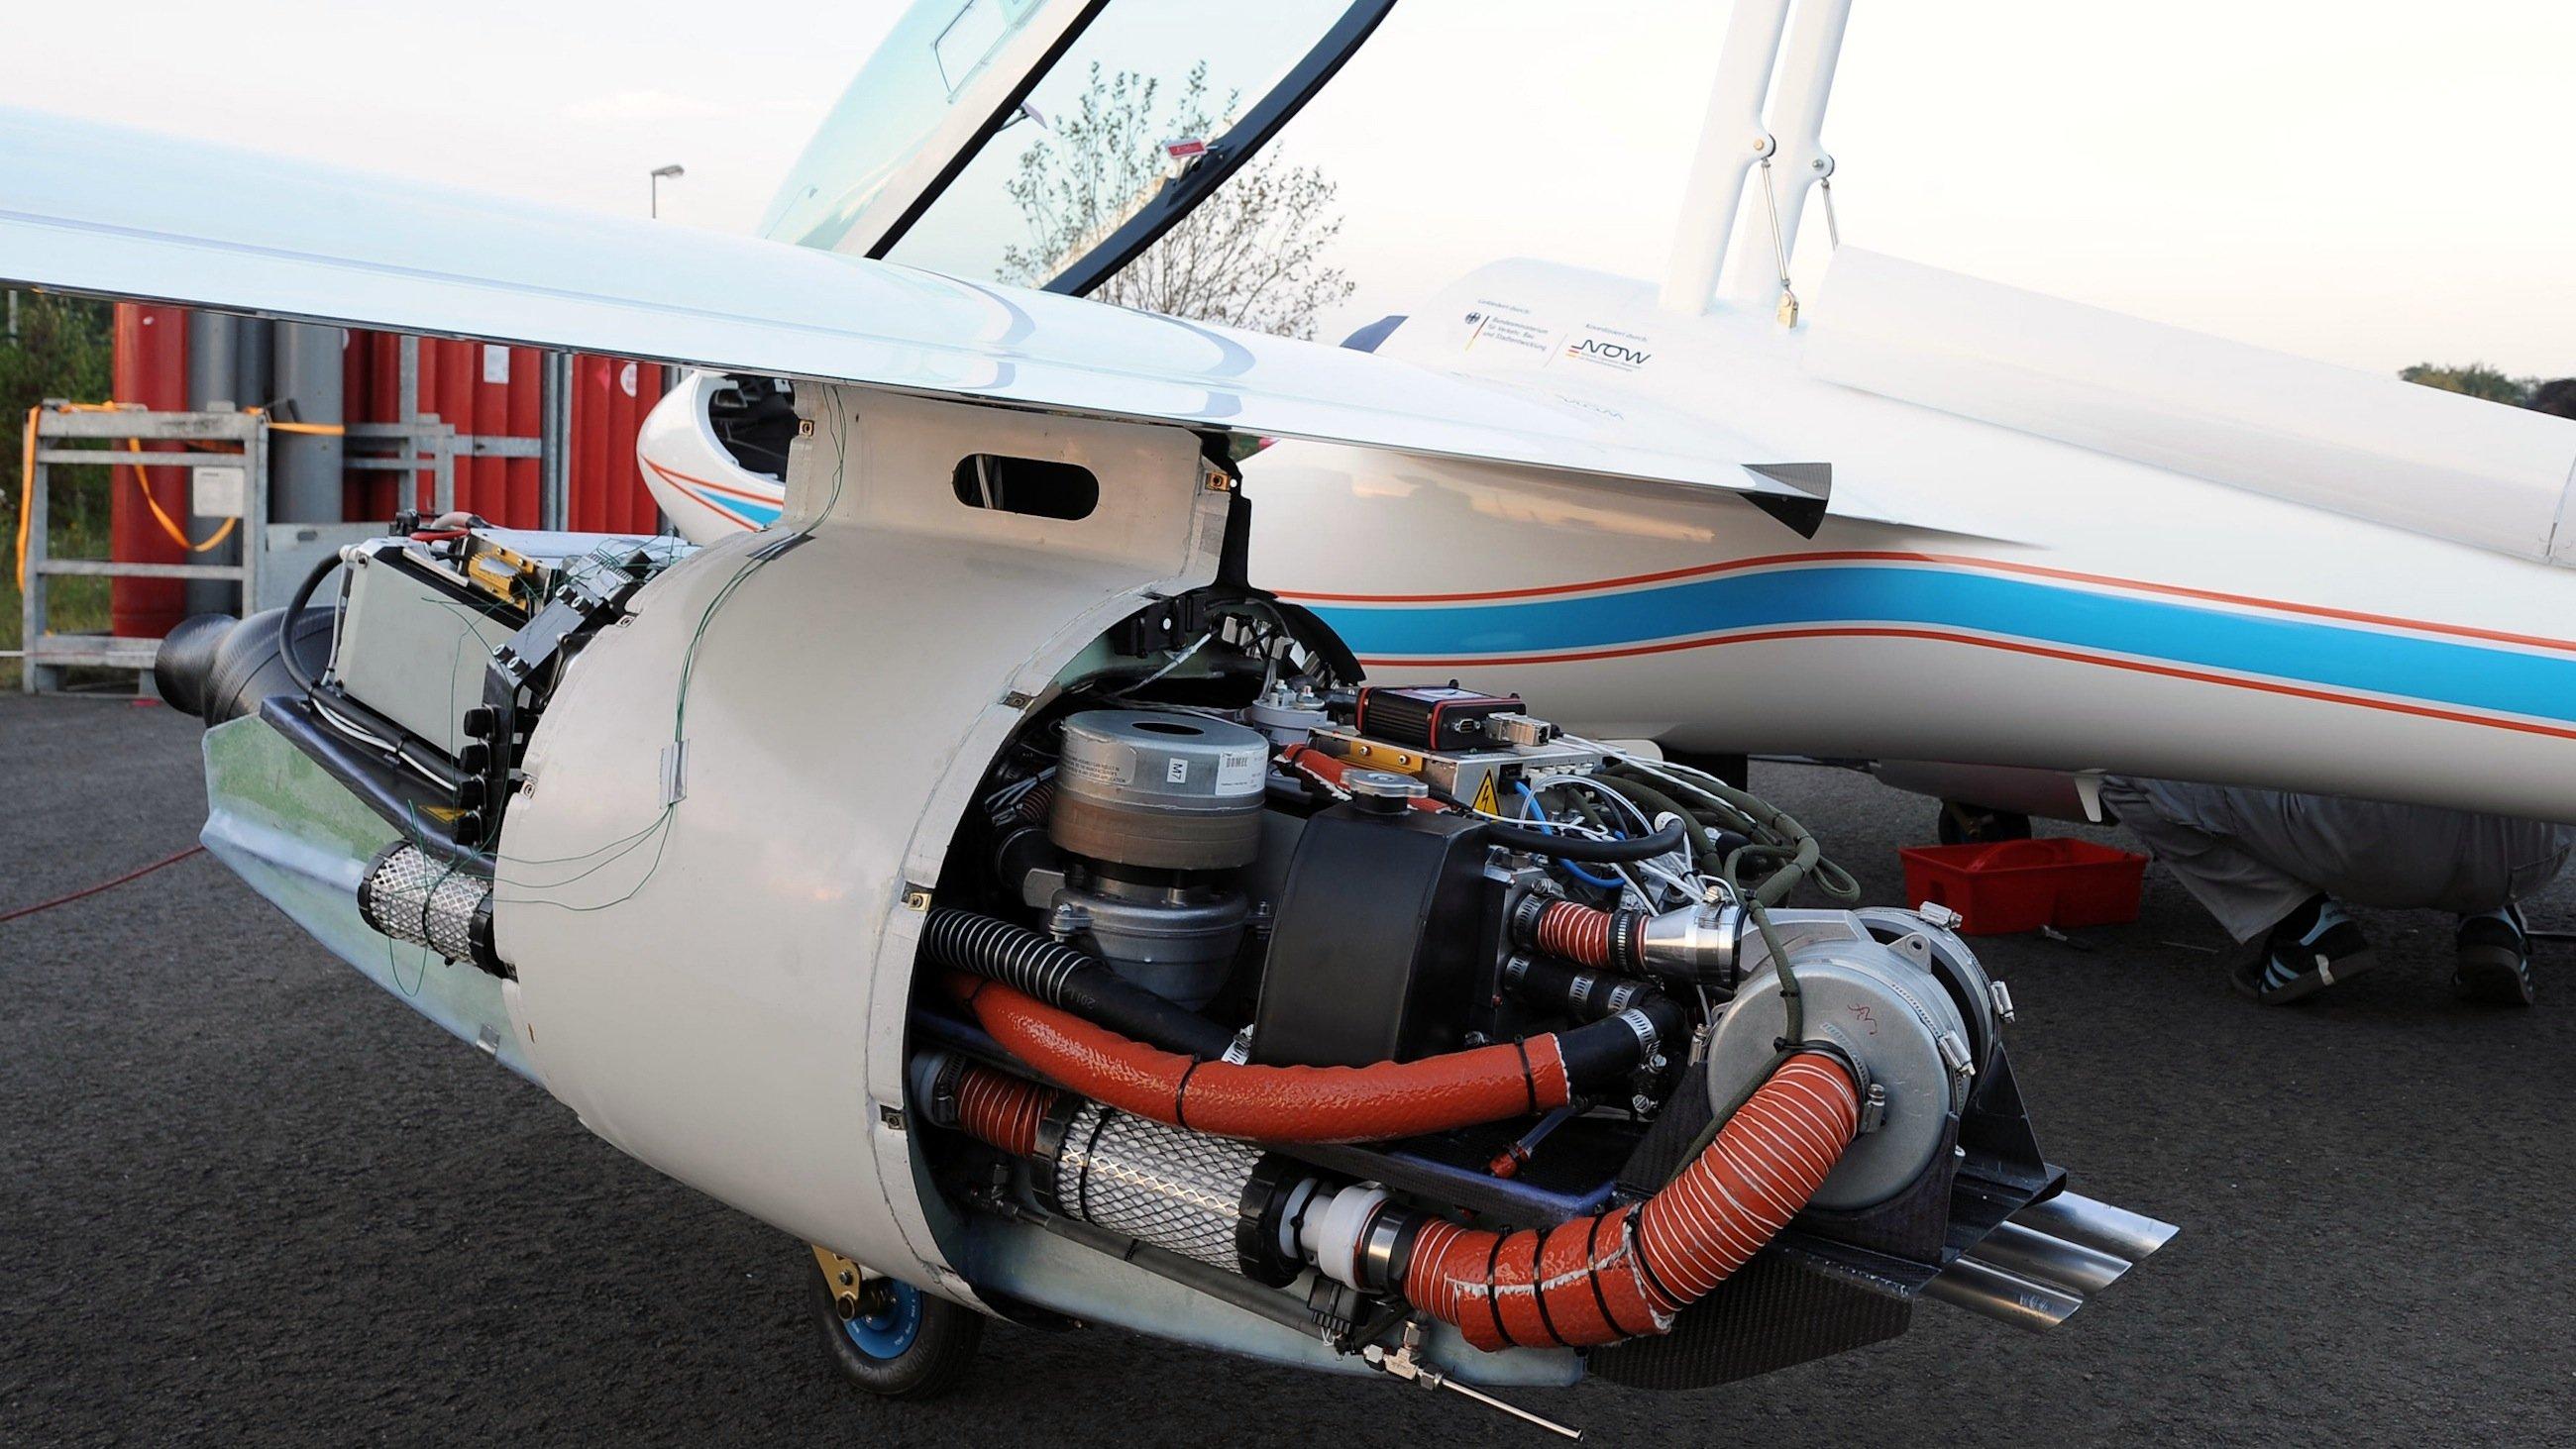 Im Außenlastbehälter unter der linken Tragfläche des Motorseglers Antares befindet sich das Brennstoffzellensystem mit einer maximalen Leistung von 33 Kilowatt. Im rechten Außenlastbehälter ist ein Wasserstofftank mit einem Fassungsvermögen von fünf Kilogramm eingebaut.